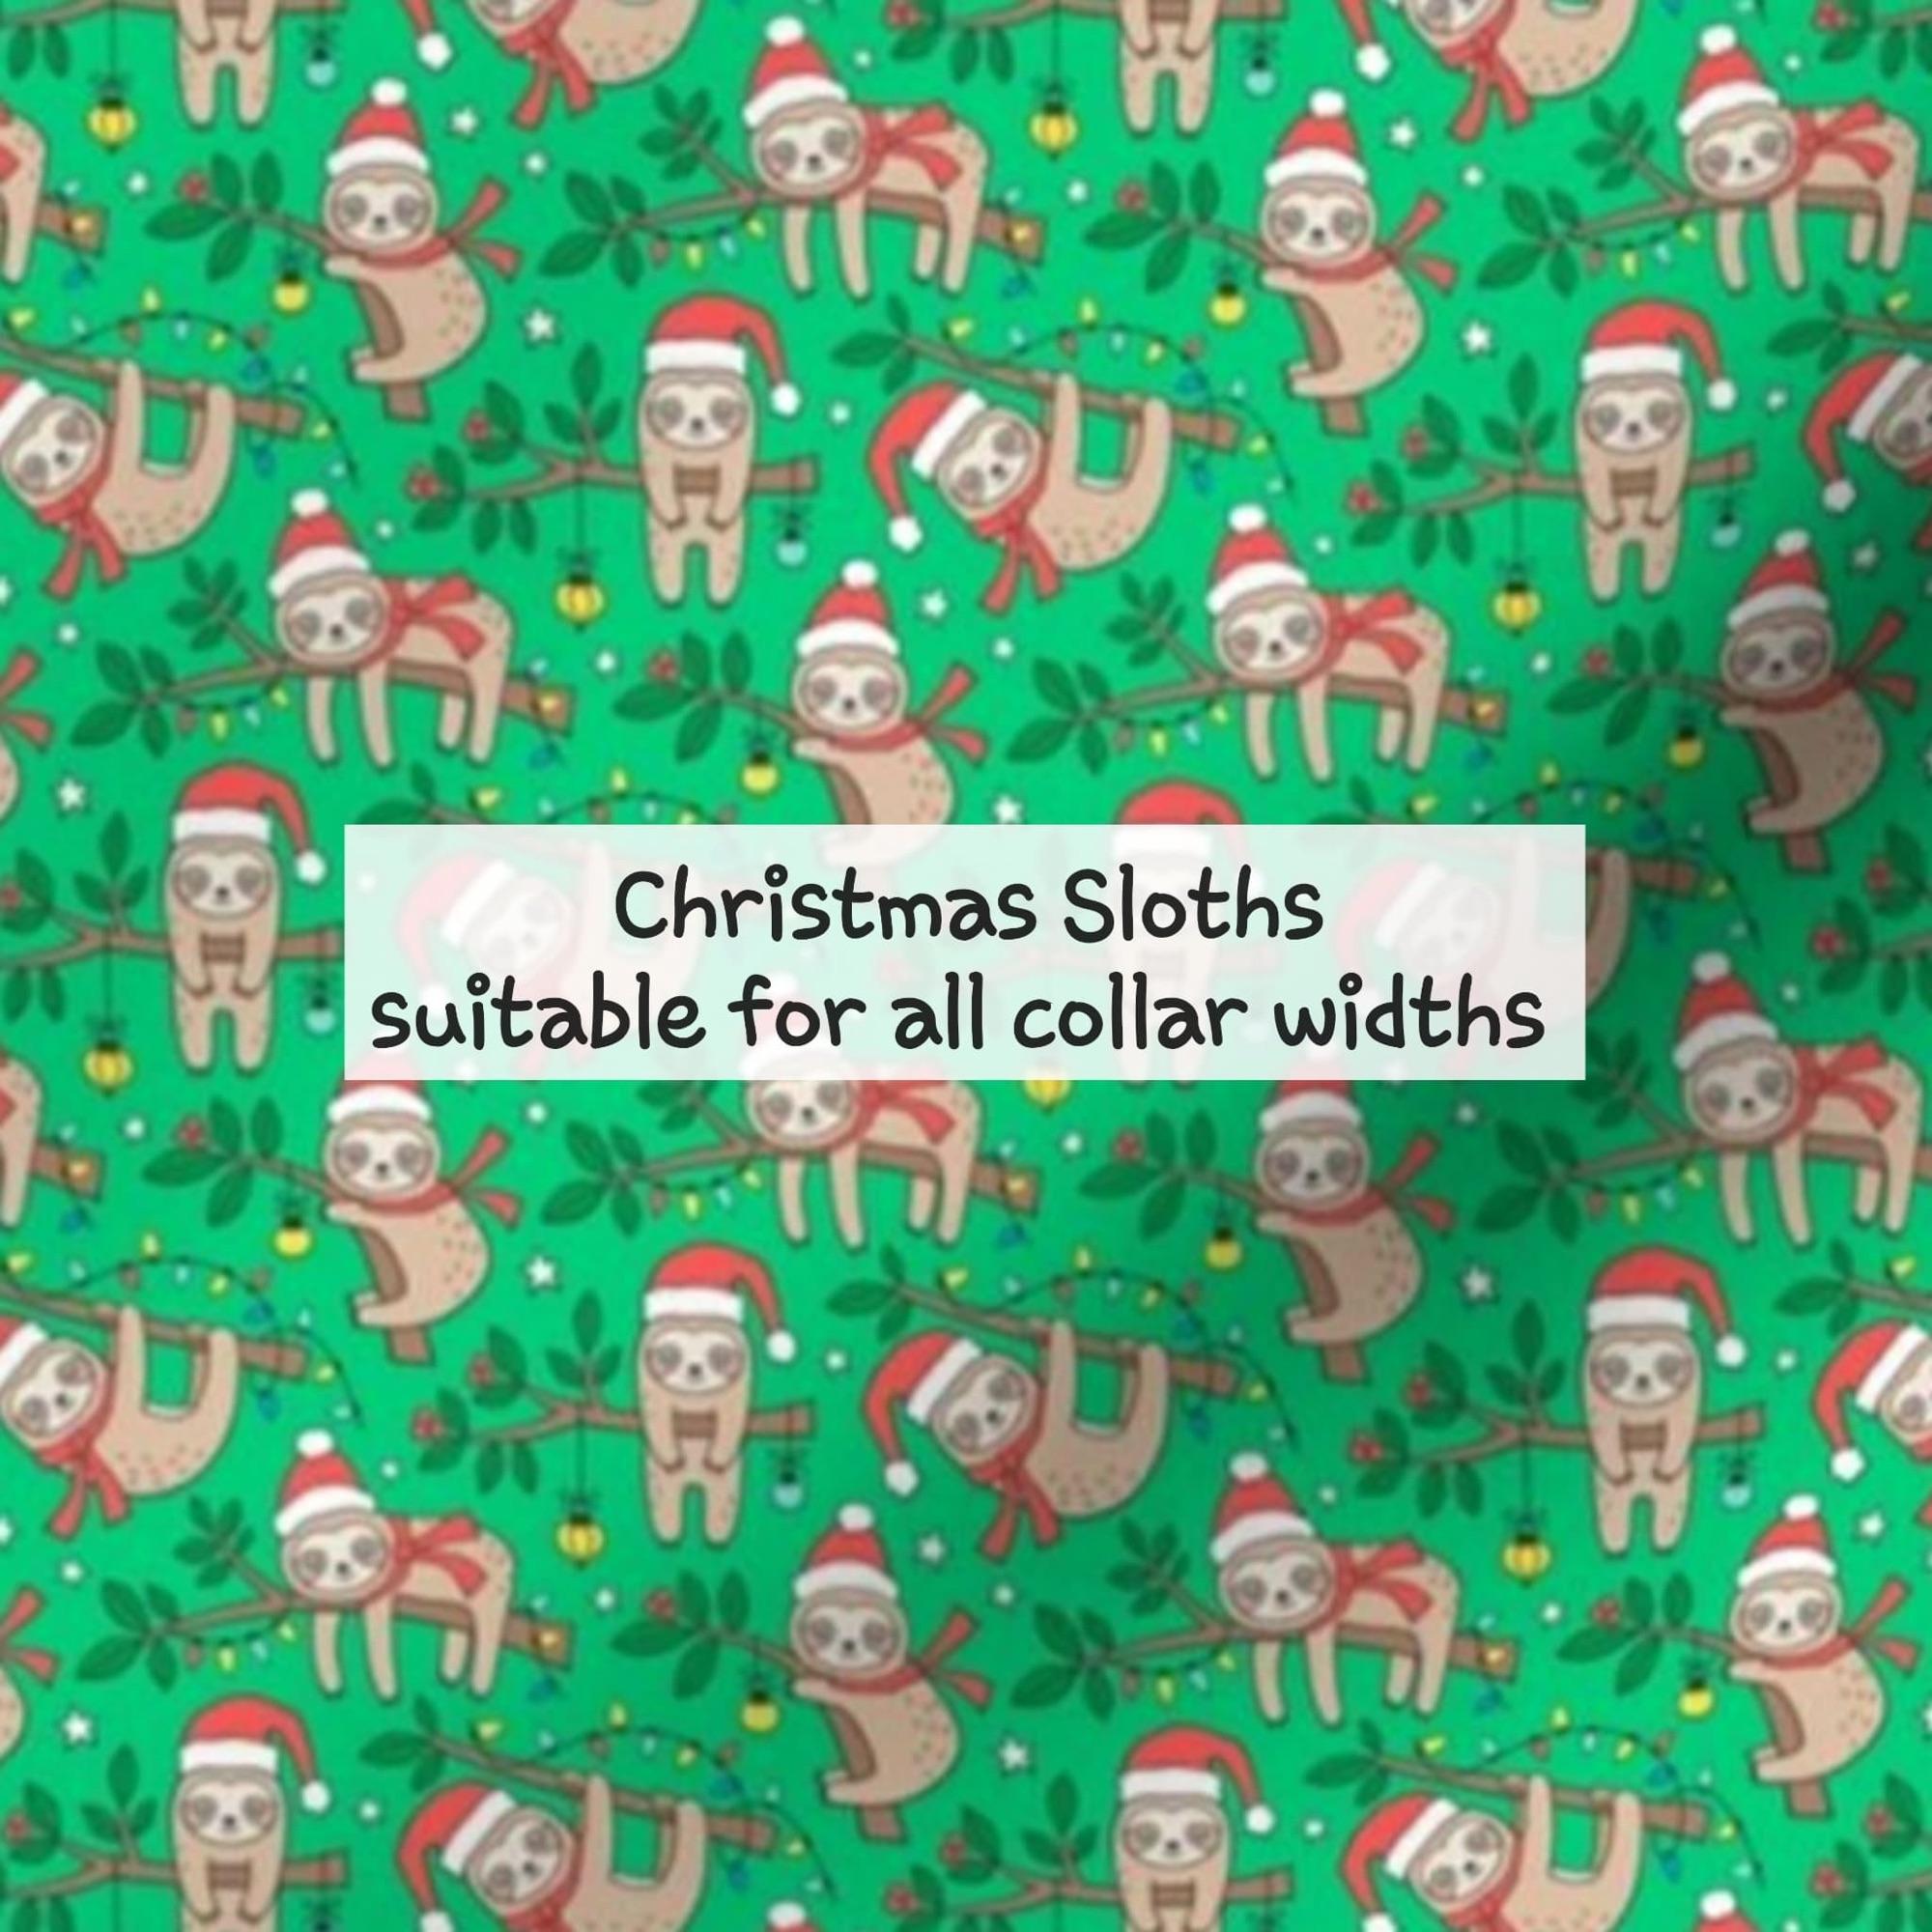 Christmas sloths